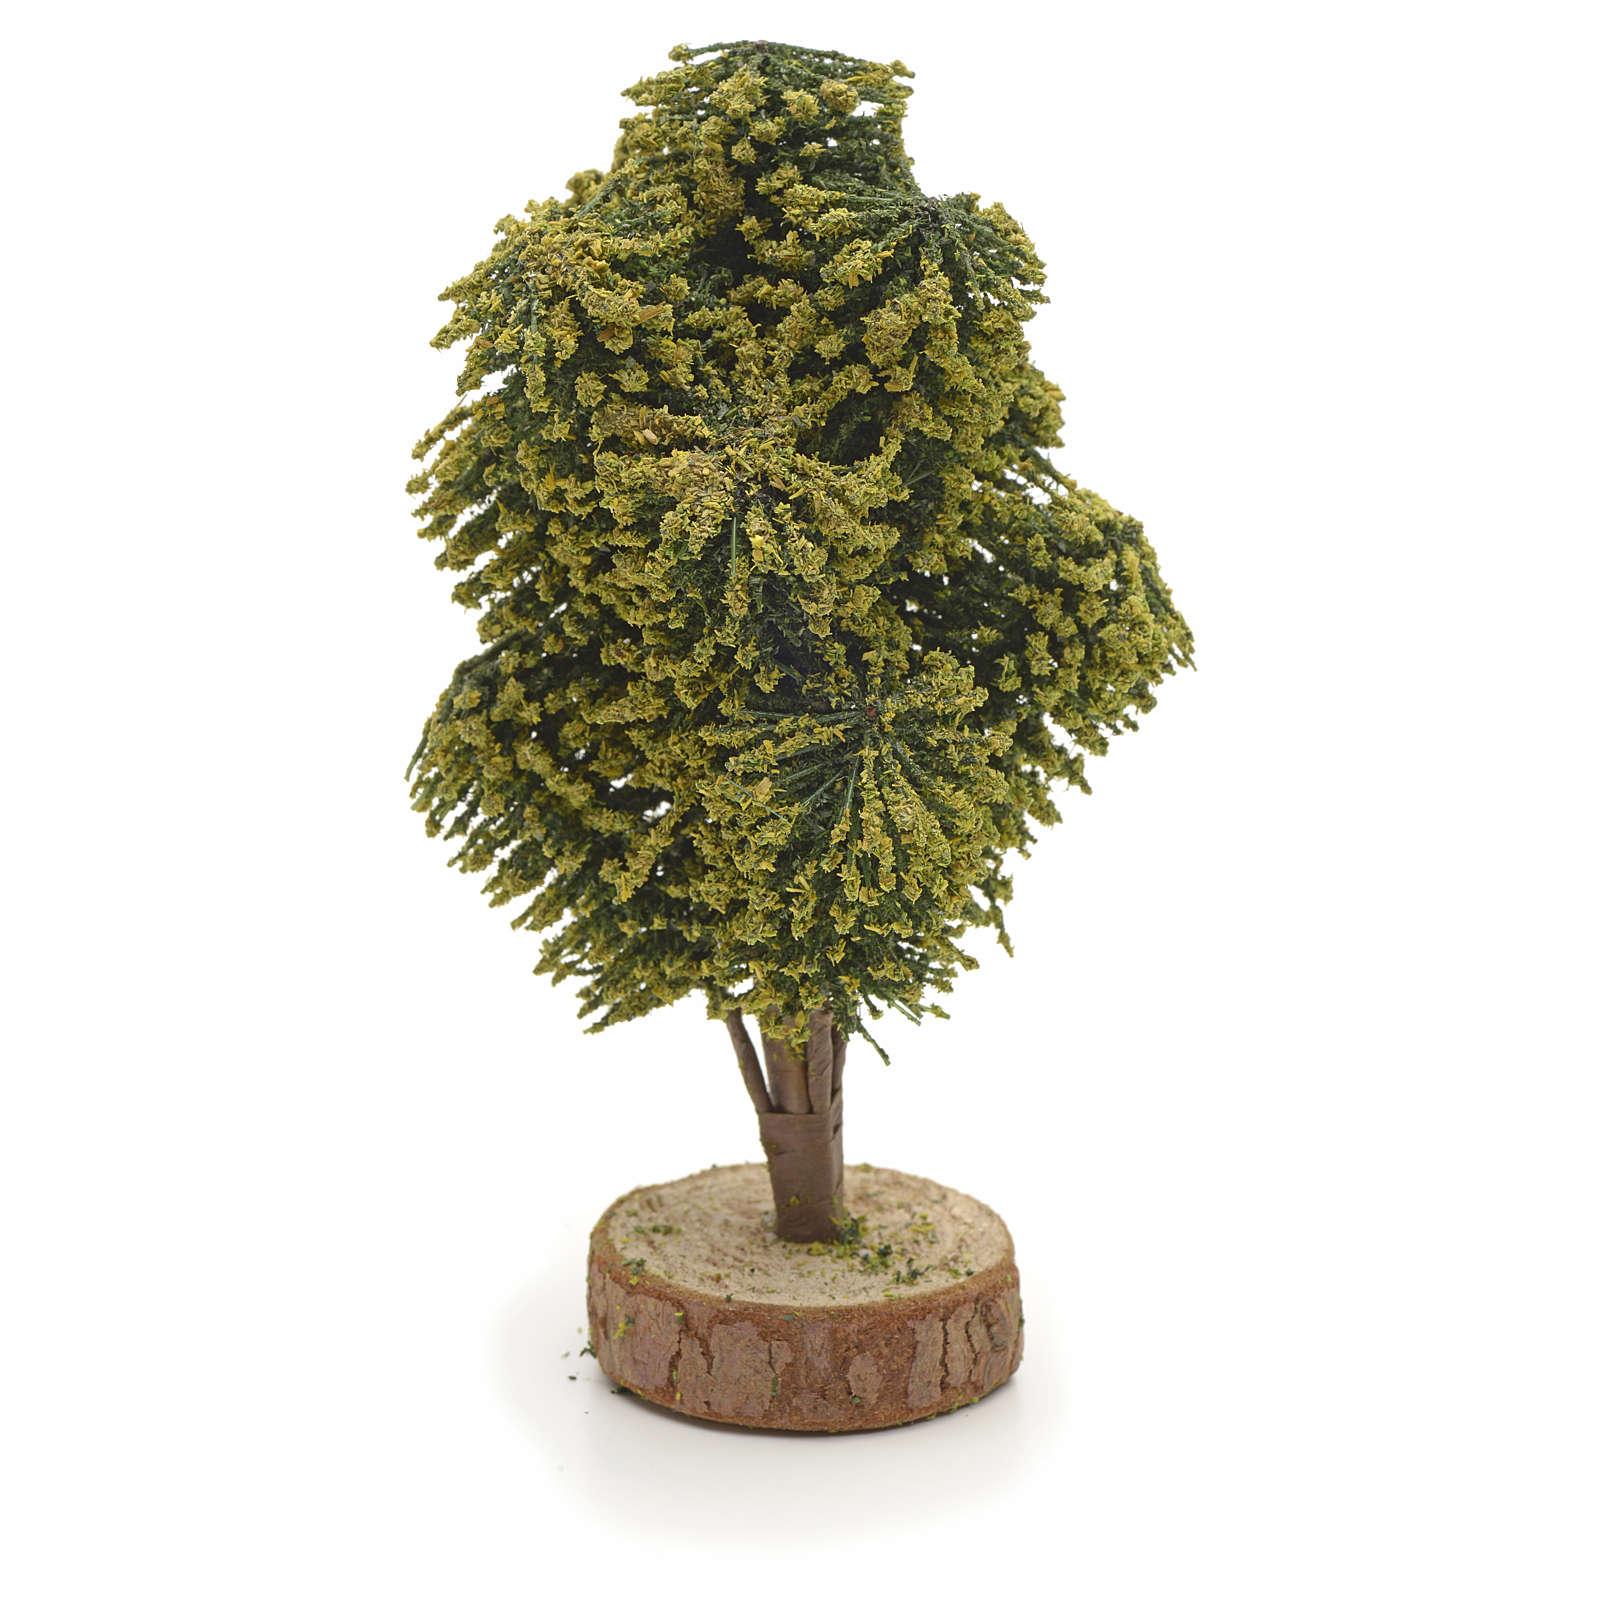 Baum Mit Basis Fur Krippe 12cm Gross Online Verfauf Auf Holyart